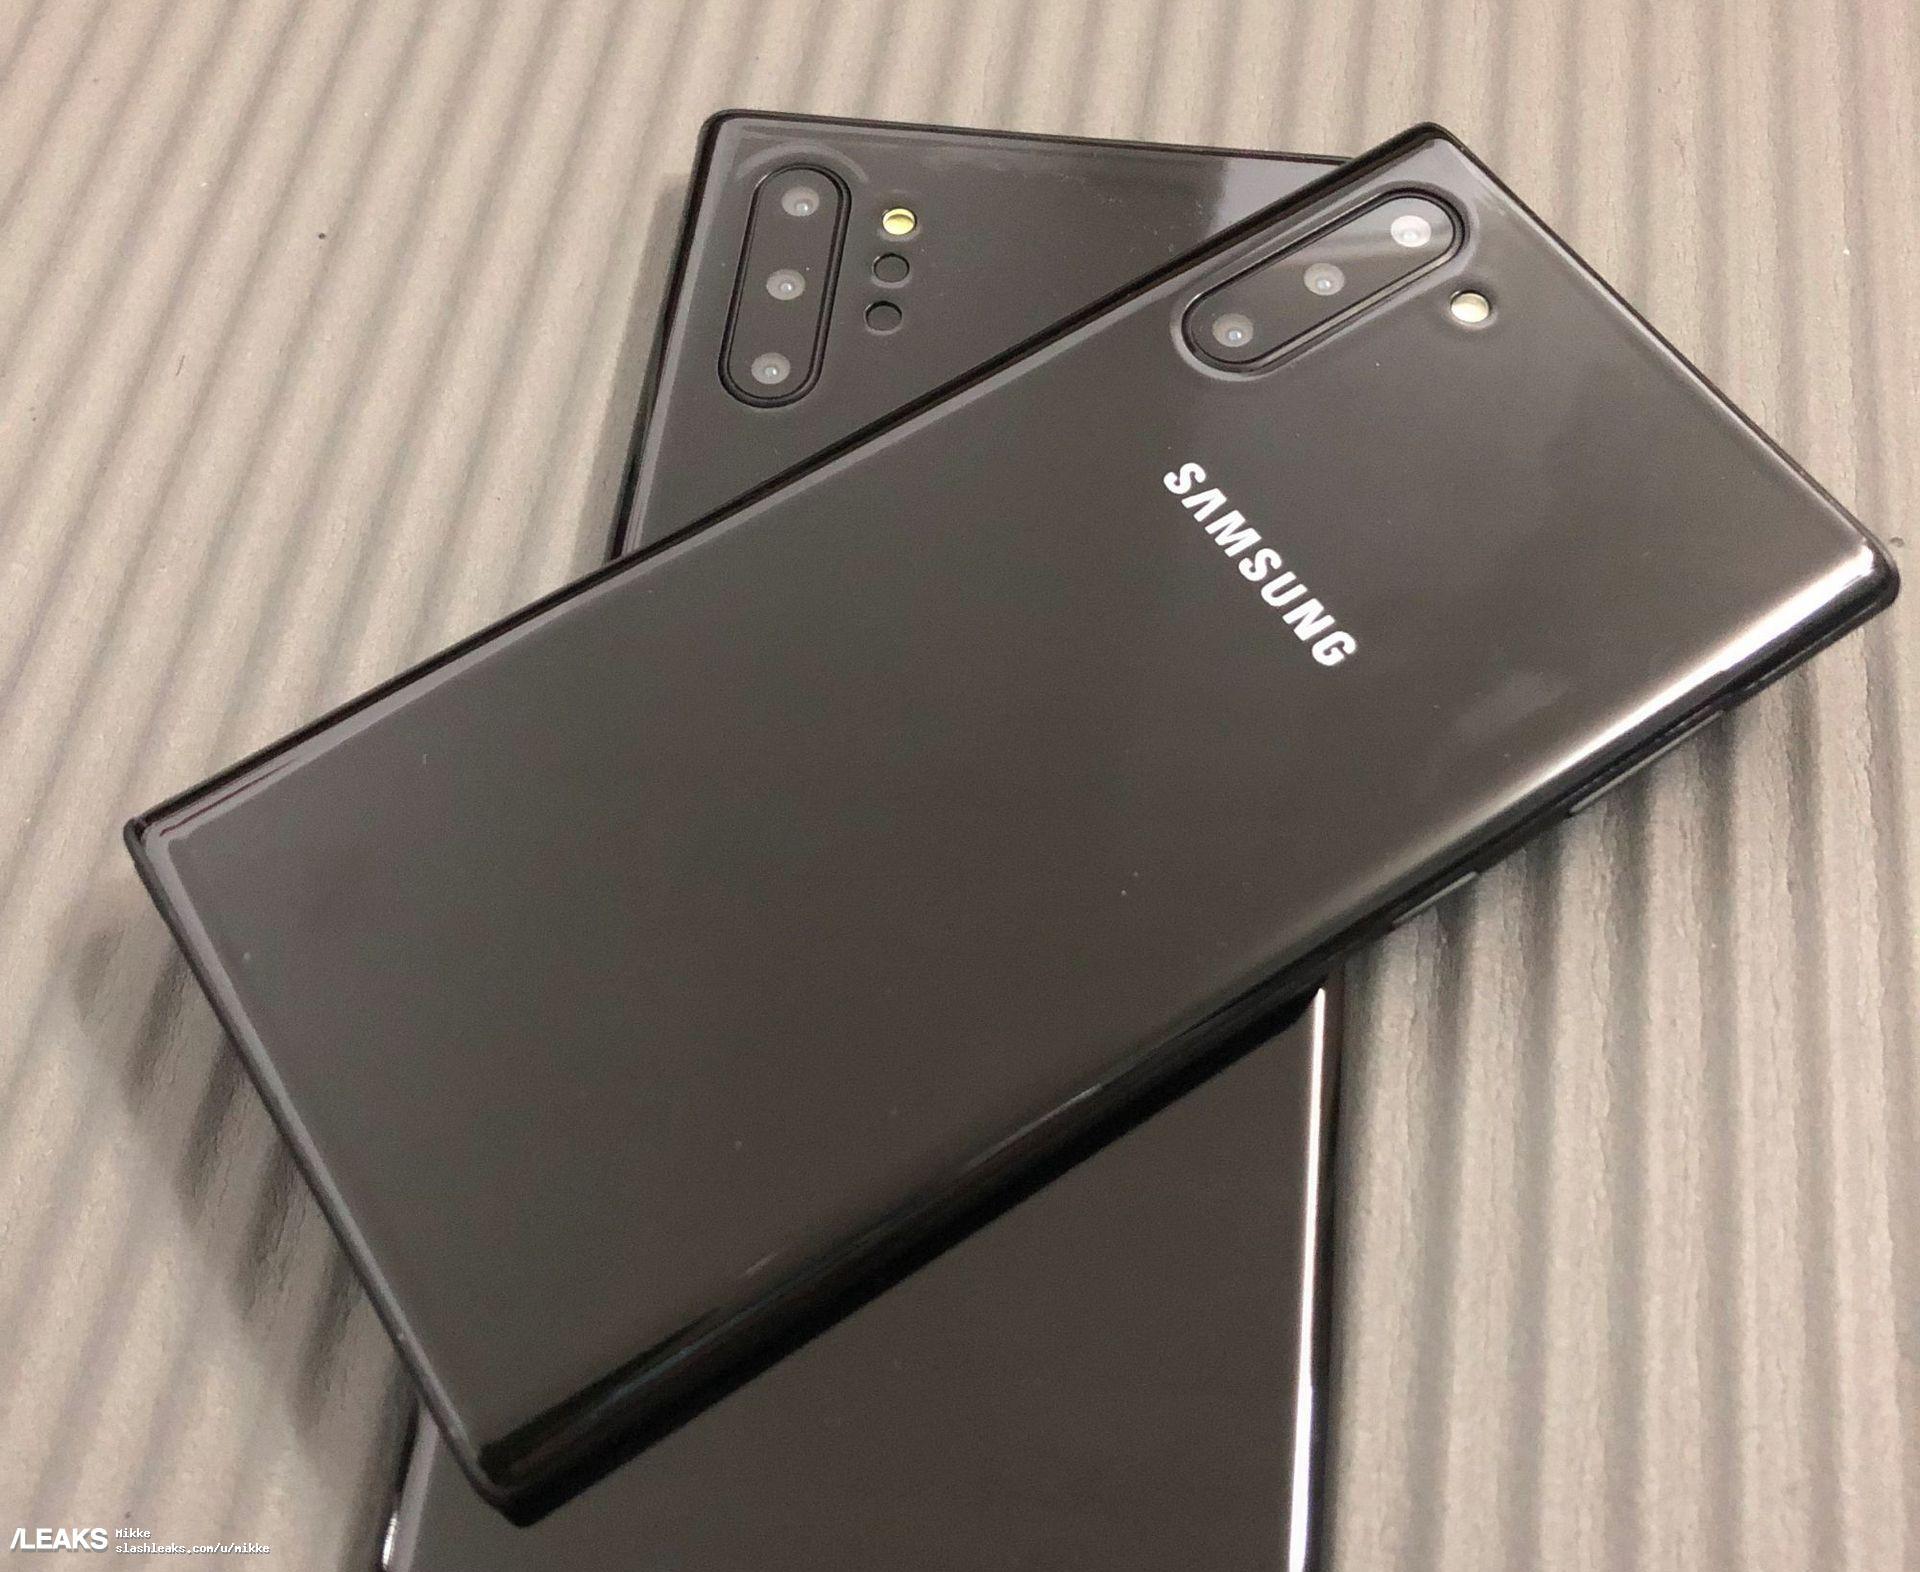 Samsung Galaxy Note 10 factices, Huami Amazfit GTR disponible et mise à jour des OnePlus 5 et 5T – Tech'spresso